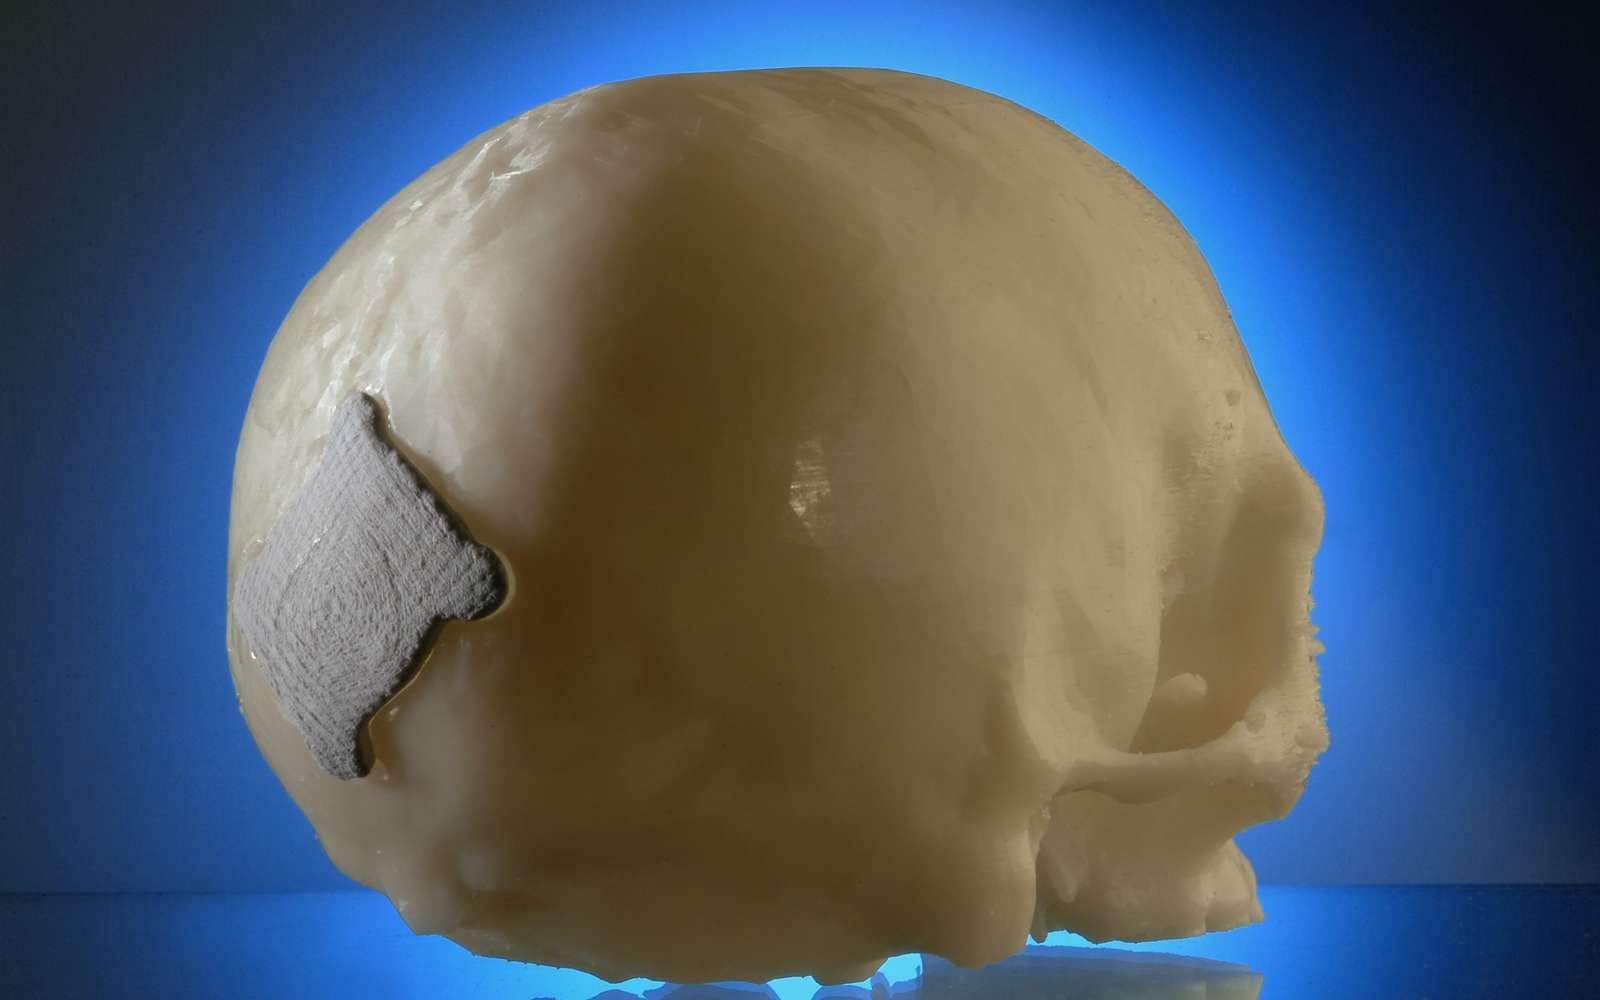 Un exemple d'implant en PLA généré par la technique des chercheurs allemands du Fraunhofer Institute for Laser Technology. Crédit : Fraunhofer ILT